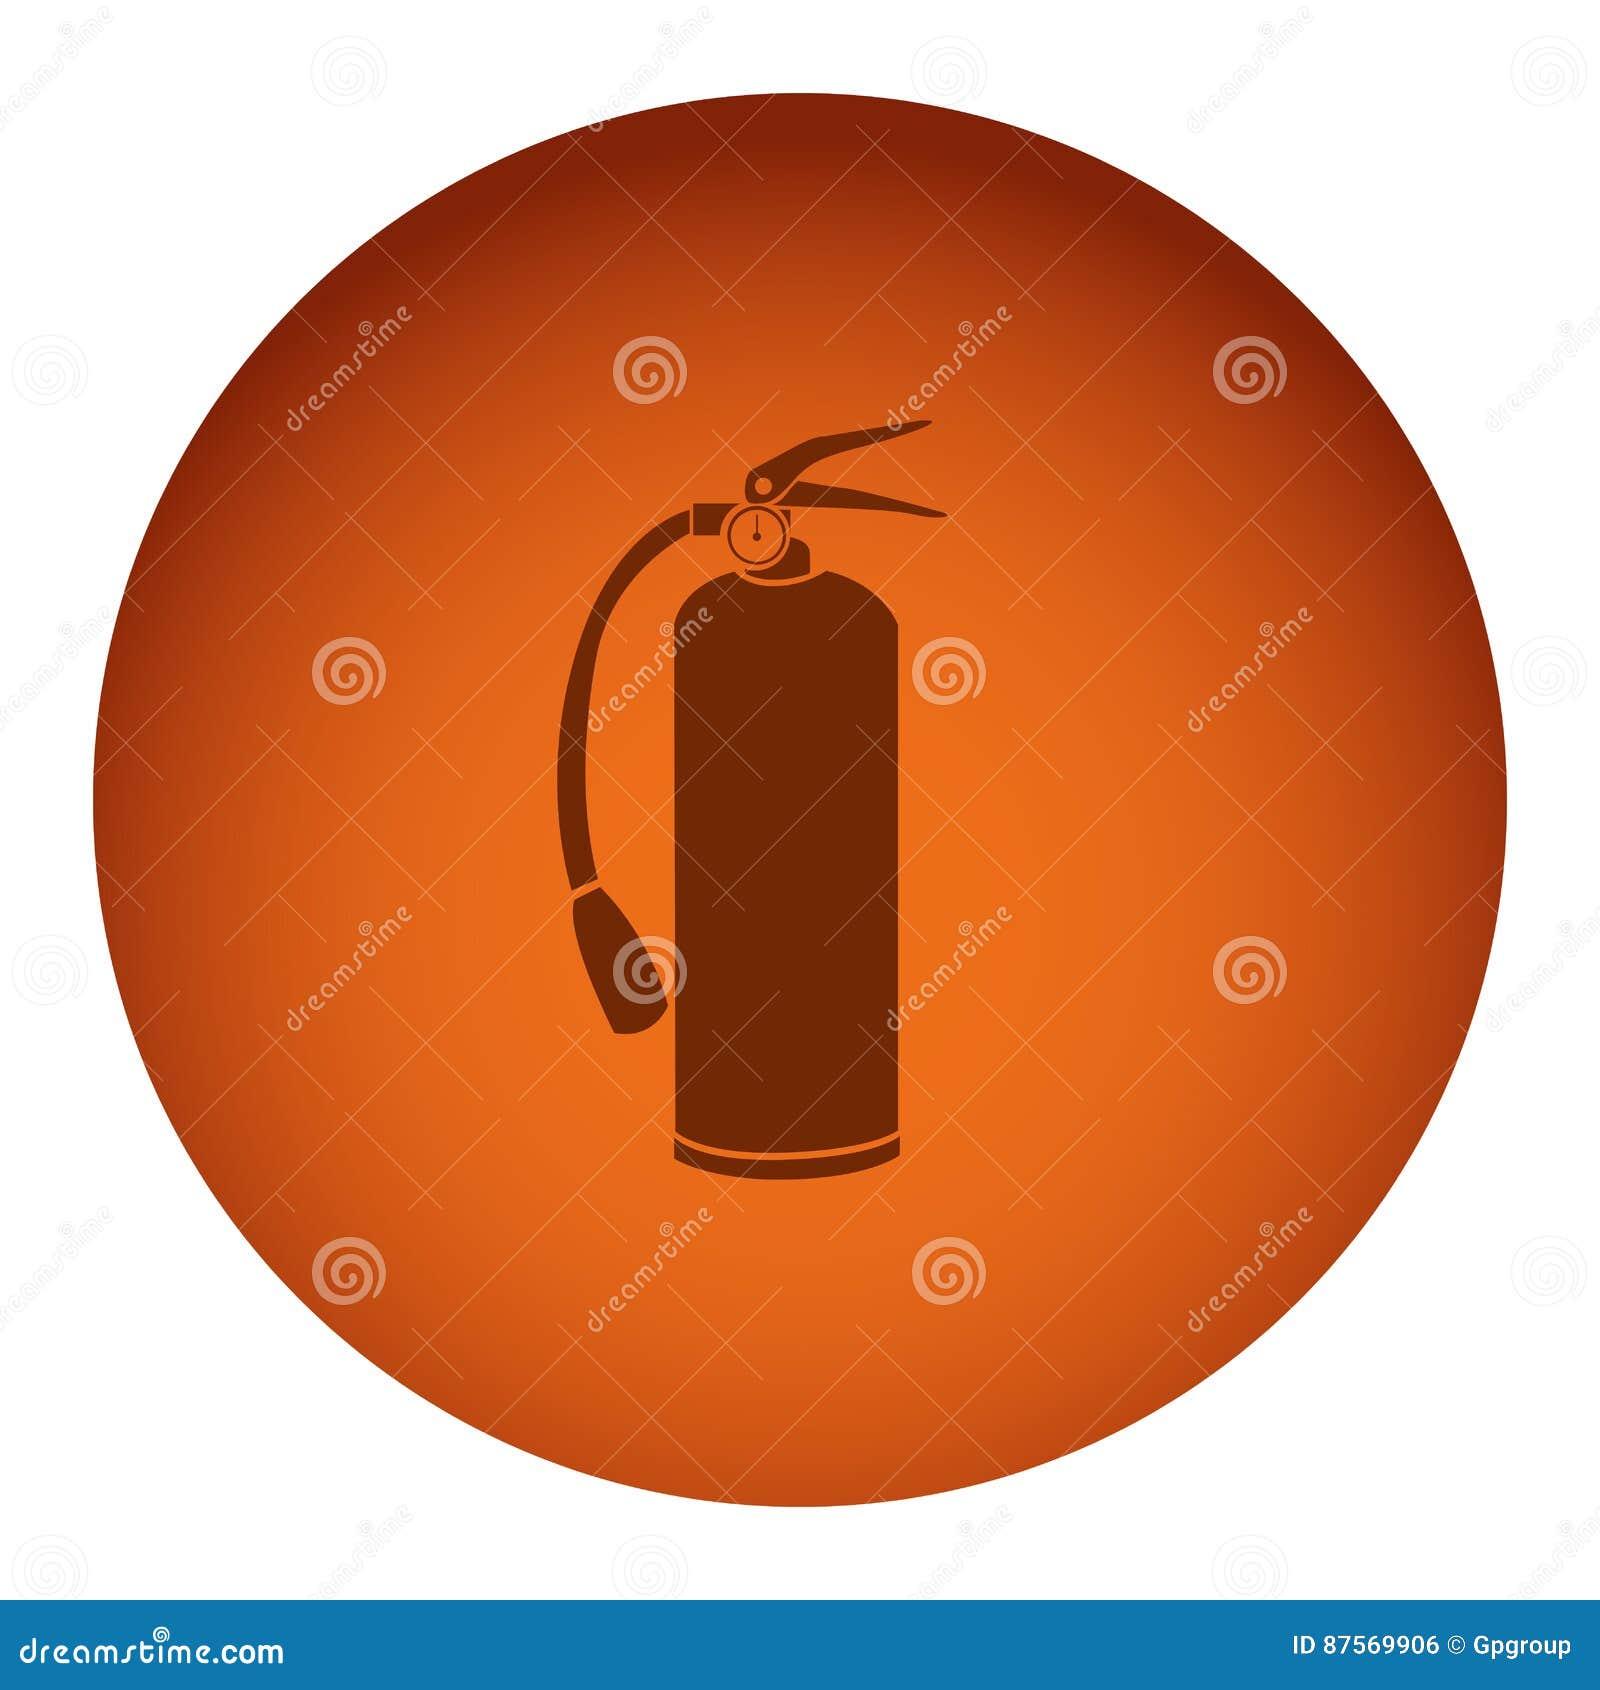 рамка оранжевого цвета круговая с значком огнетушителя силуэта